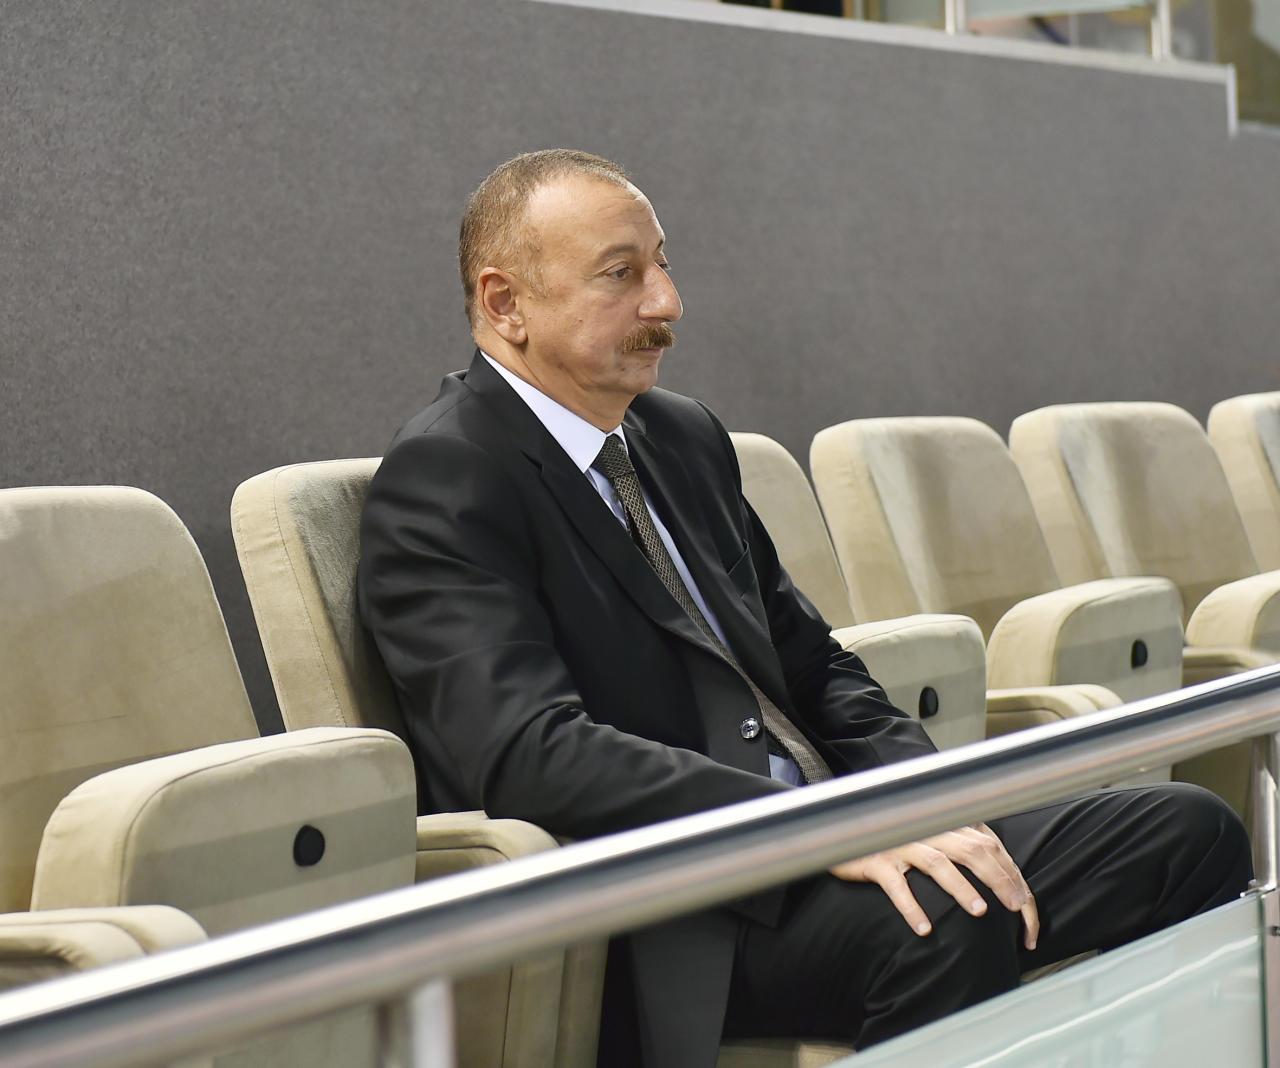 Президент Ильхам Алиев наблюдал за игрой сборной Азербайджана по волейболу - ФОТО